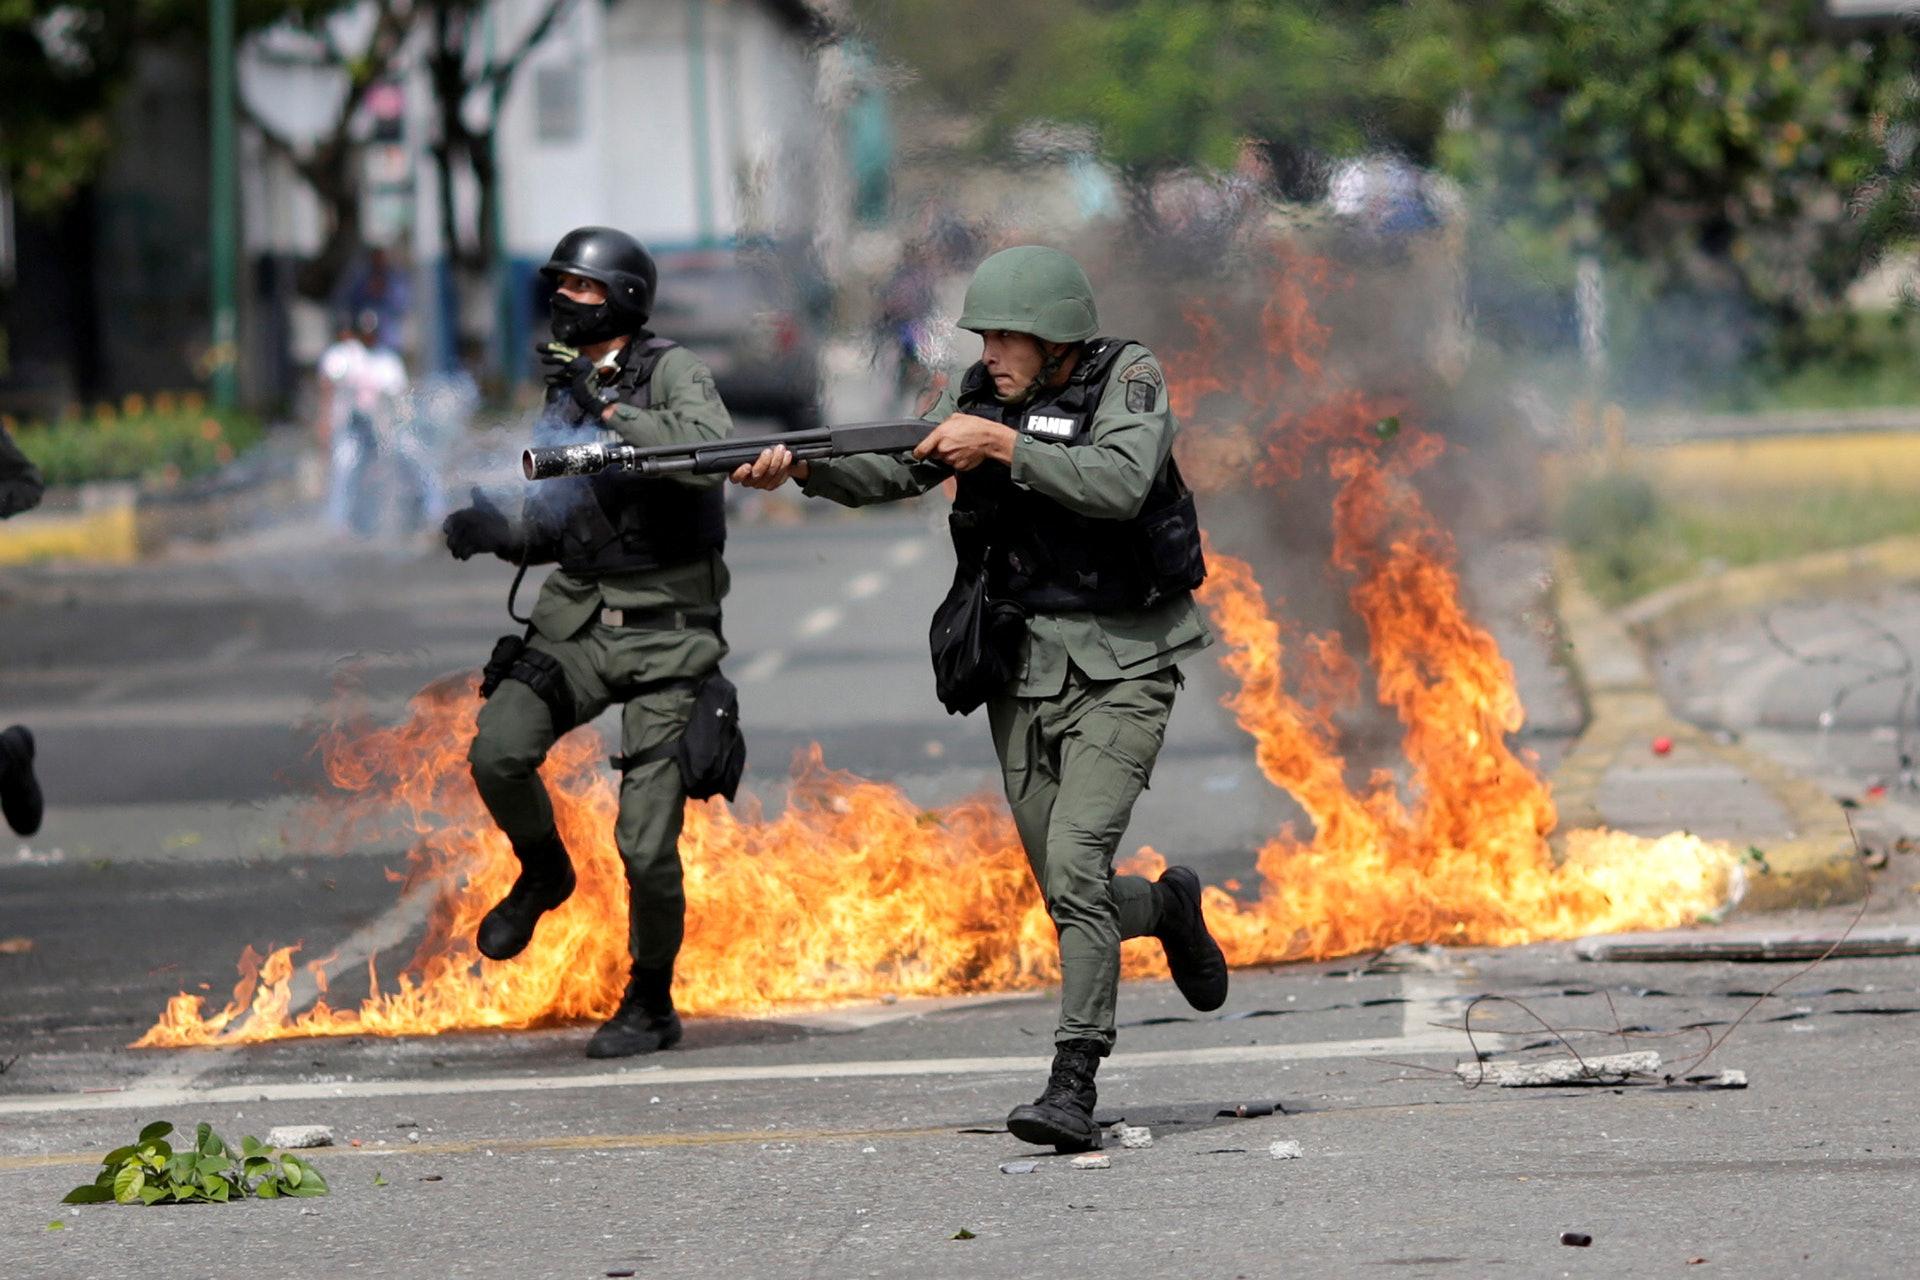 委內瑞拉7月30日舉行極富爭議的修憲選舉。事件引起國民強烈不滿,反對派發起示威及罷工,政府派出安全部隊對抗示威者,安全部隊成員手持武器,瞄准反對總統馬杜羅政府的示威者。(路透社)